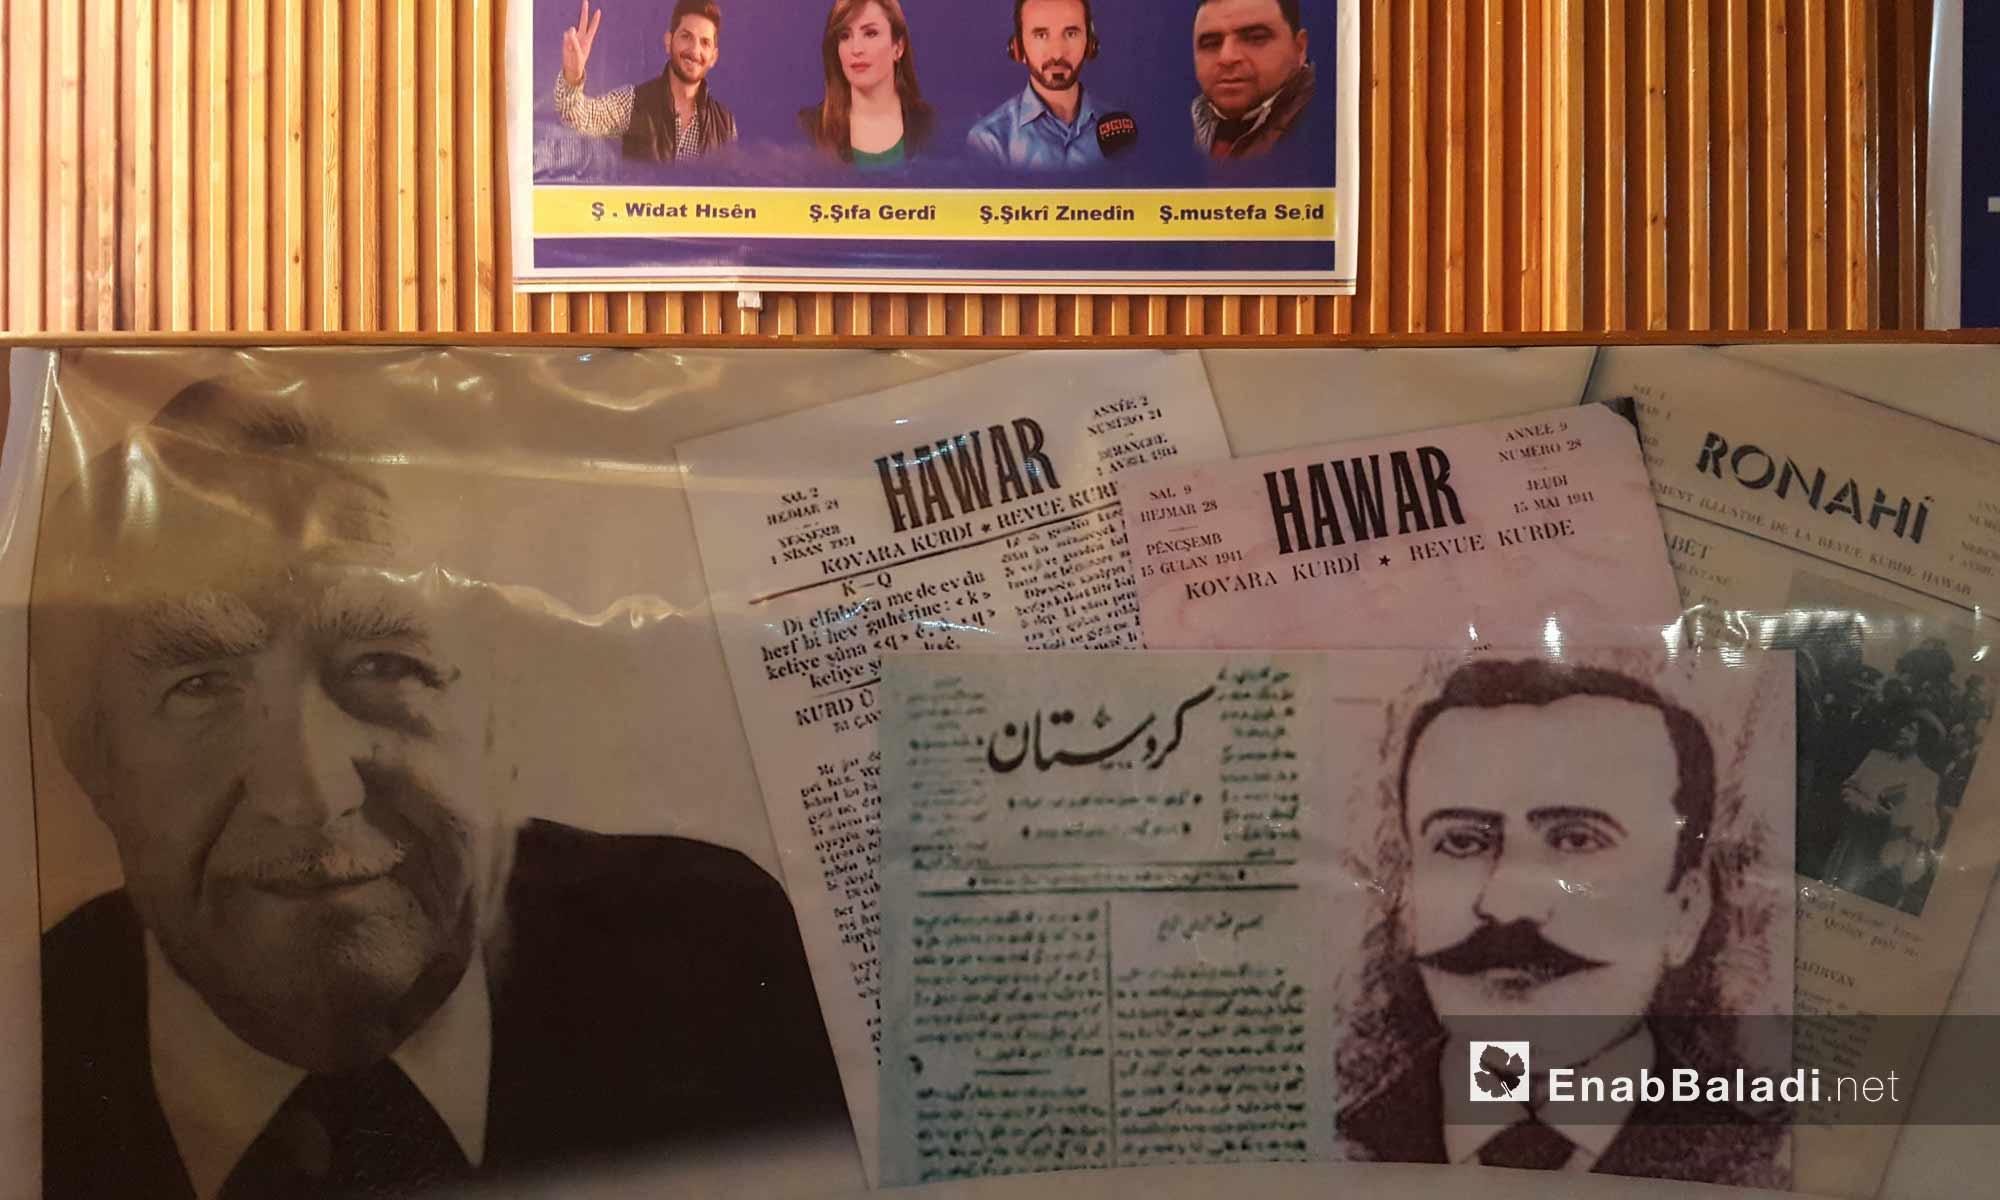 صحفيو الجزيرة يحتفلون بالذكرى 119 ليوم الصحافة الكردية- السبت 23 نيسان (عنب بلدي)